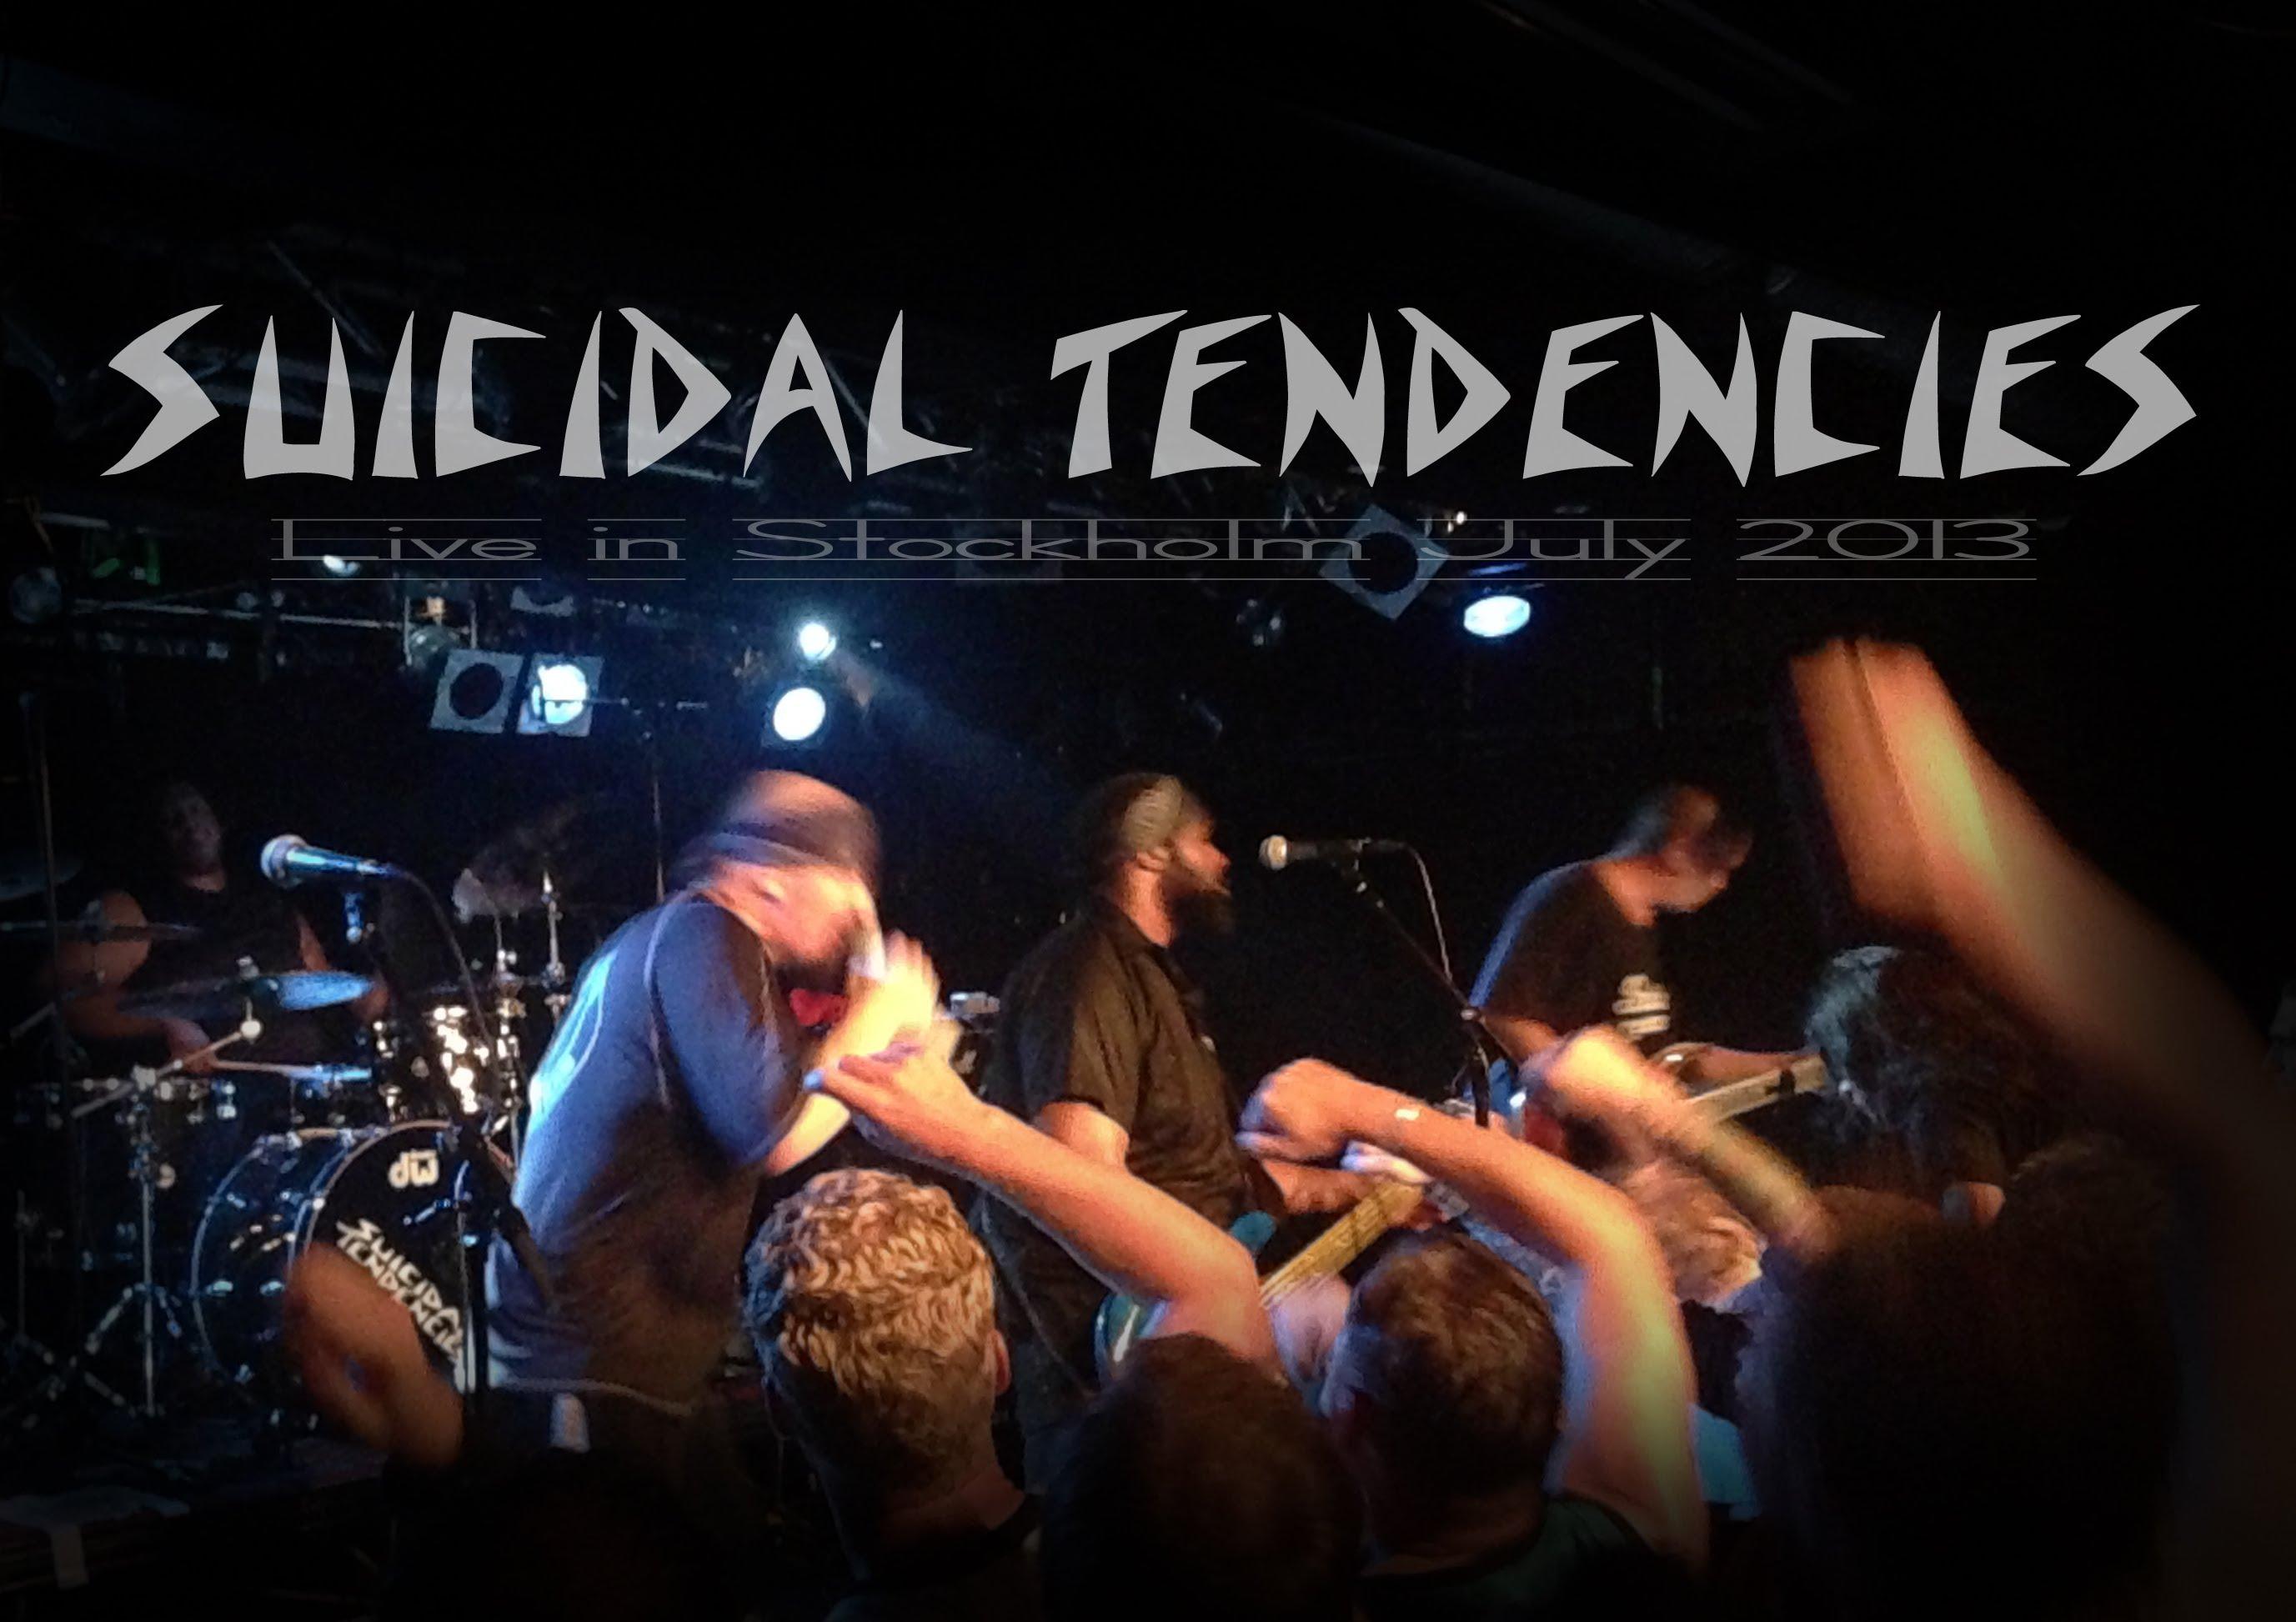 SUICIDAL TENDENCIES Thrash Metal Heavy Poster Concert F Wallpaper 2754x1946